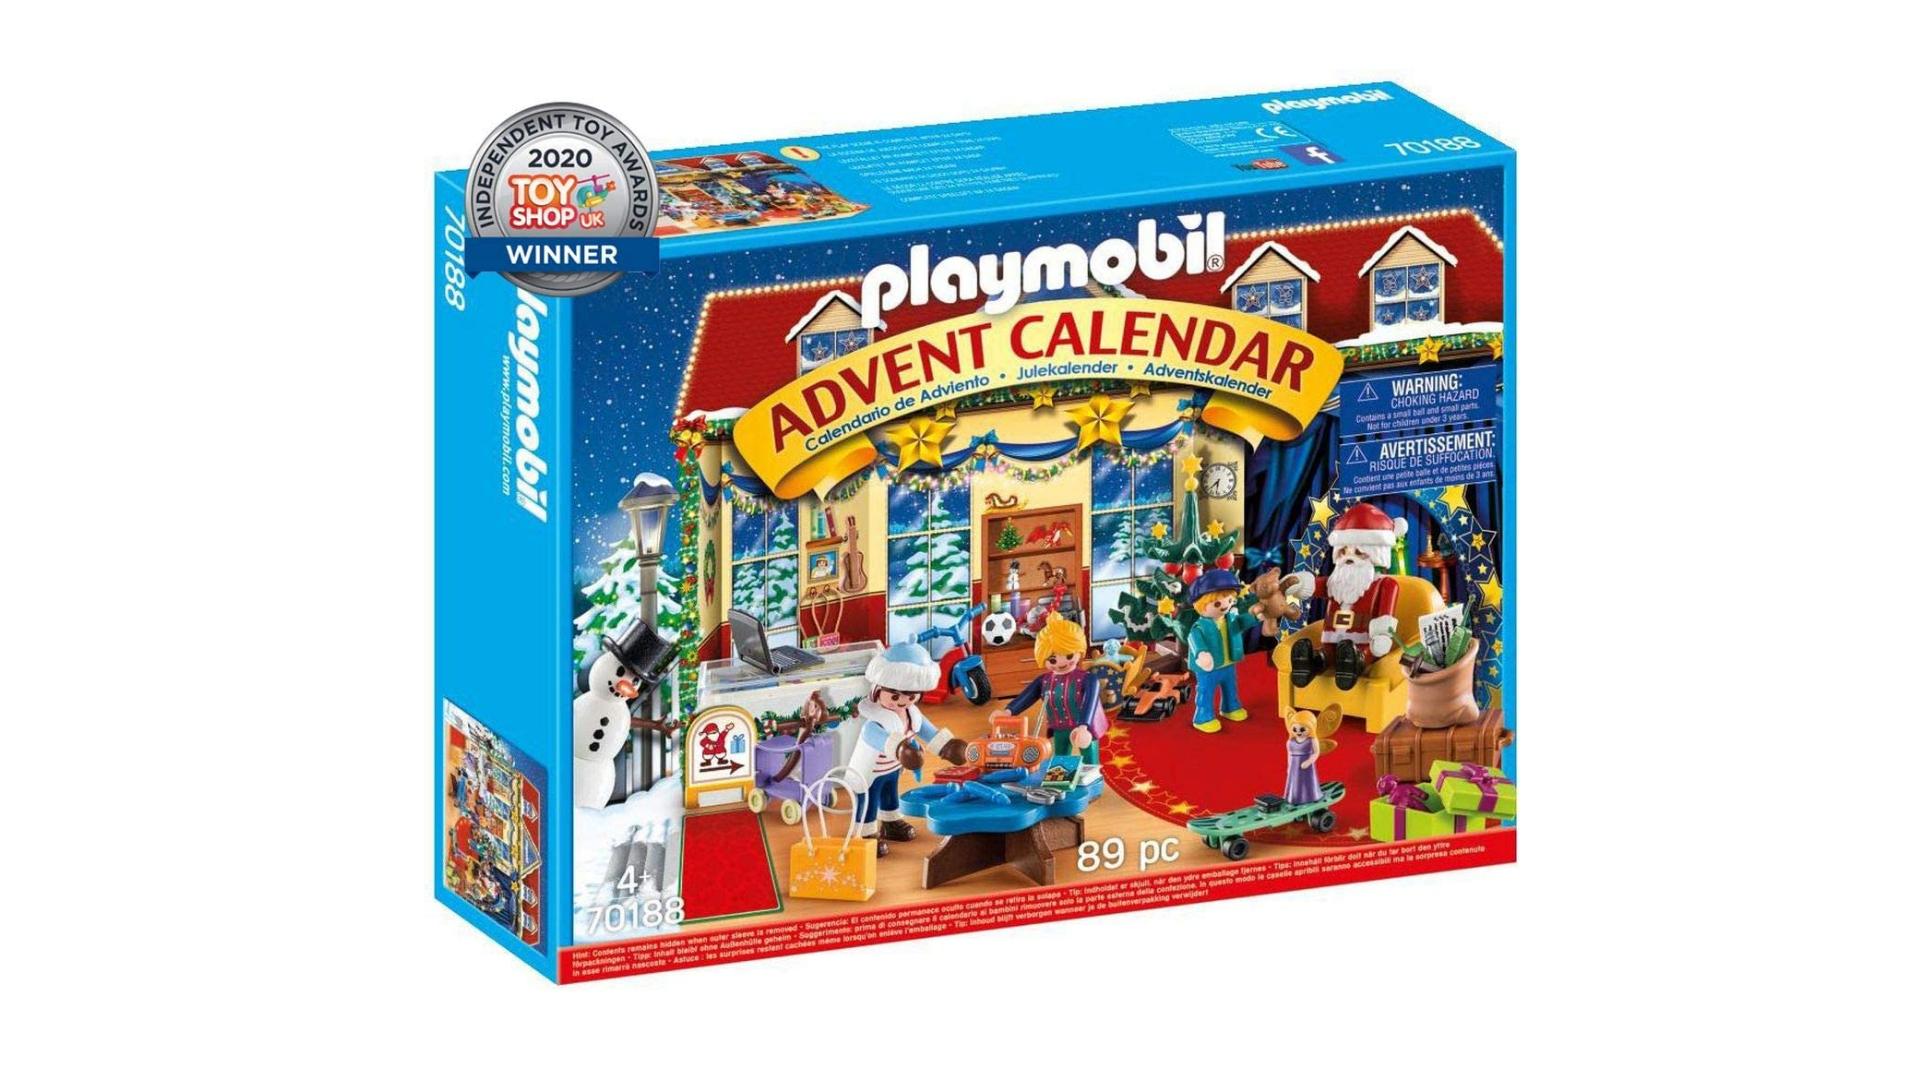 Calendrier de l'avent Playmobil Christmas toyshop 2021